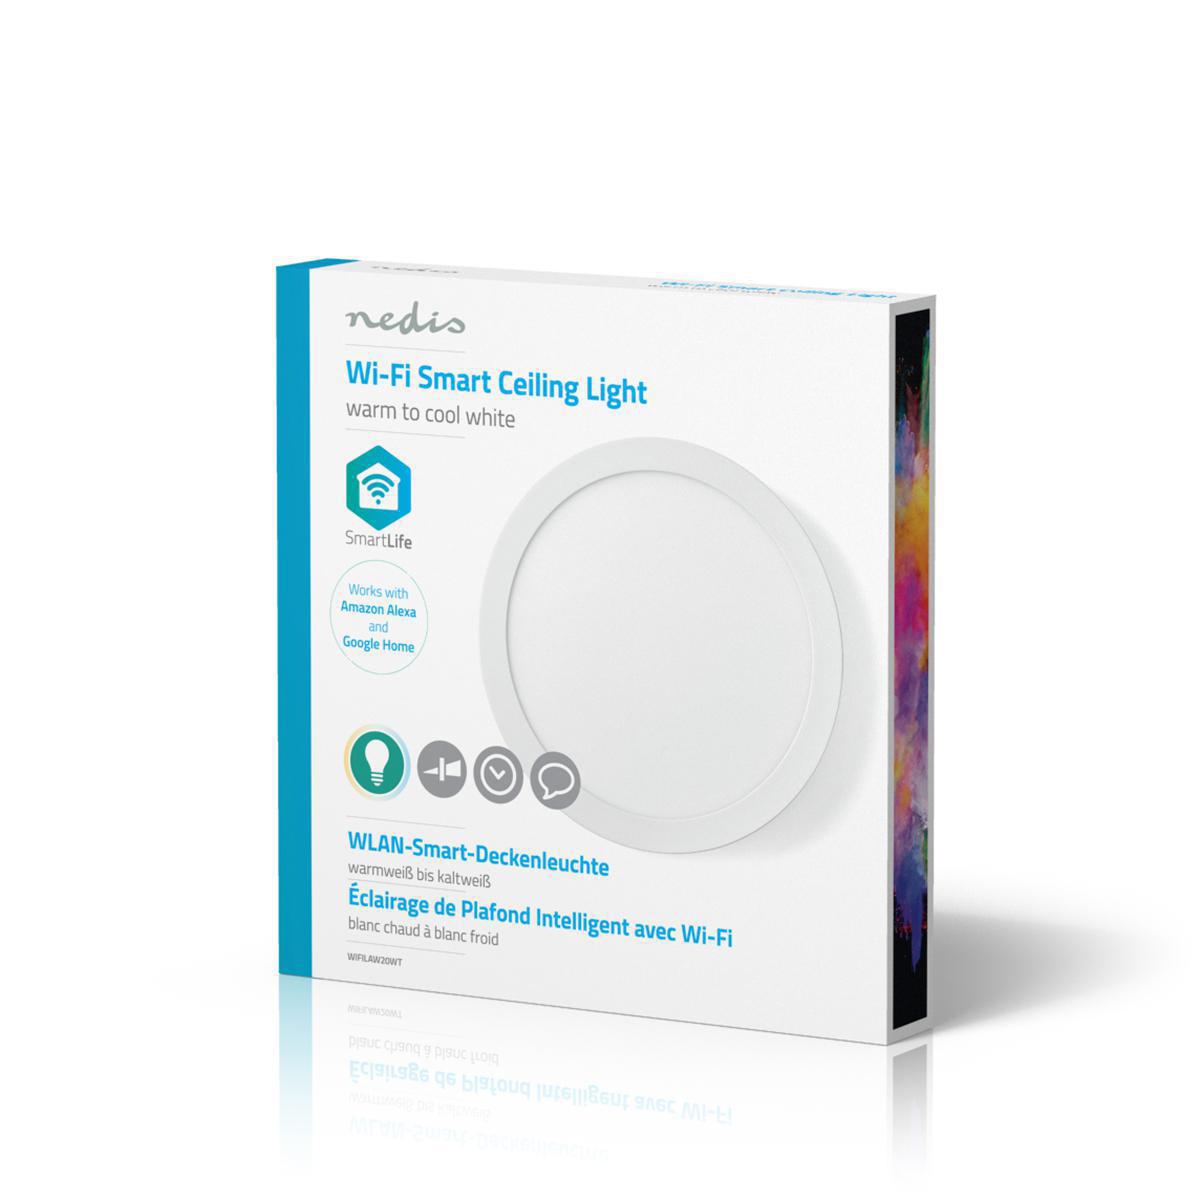 WiFi - Smart LED plafondlamp - 18 watt - 30cm - warm tot koel wit - 18 watt - dimbaar - app besturing - doos